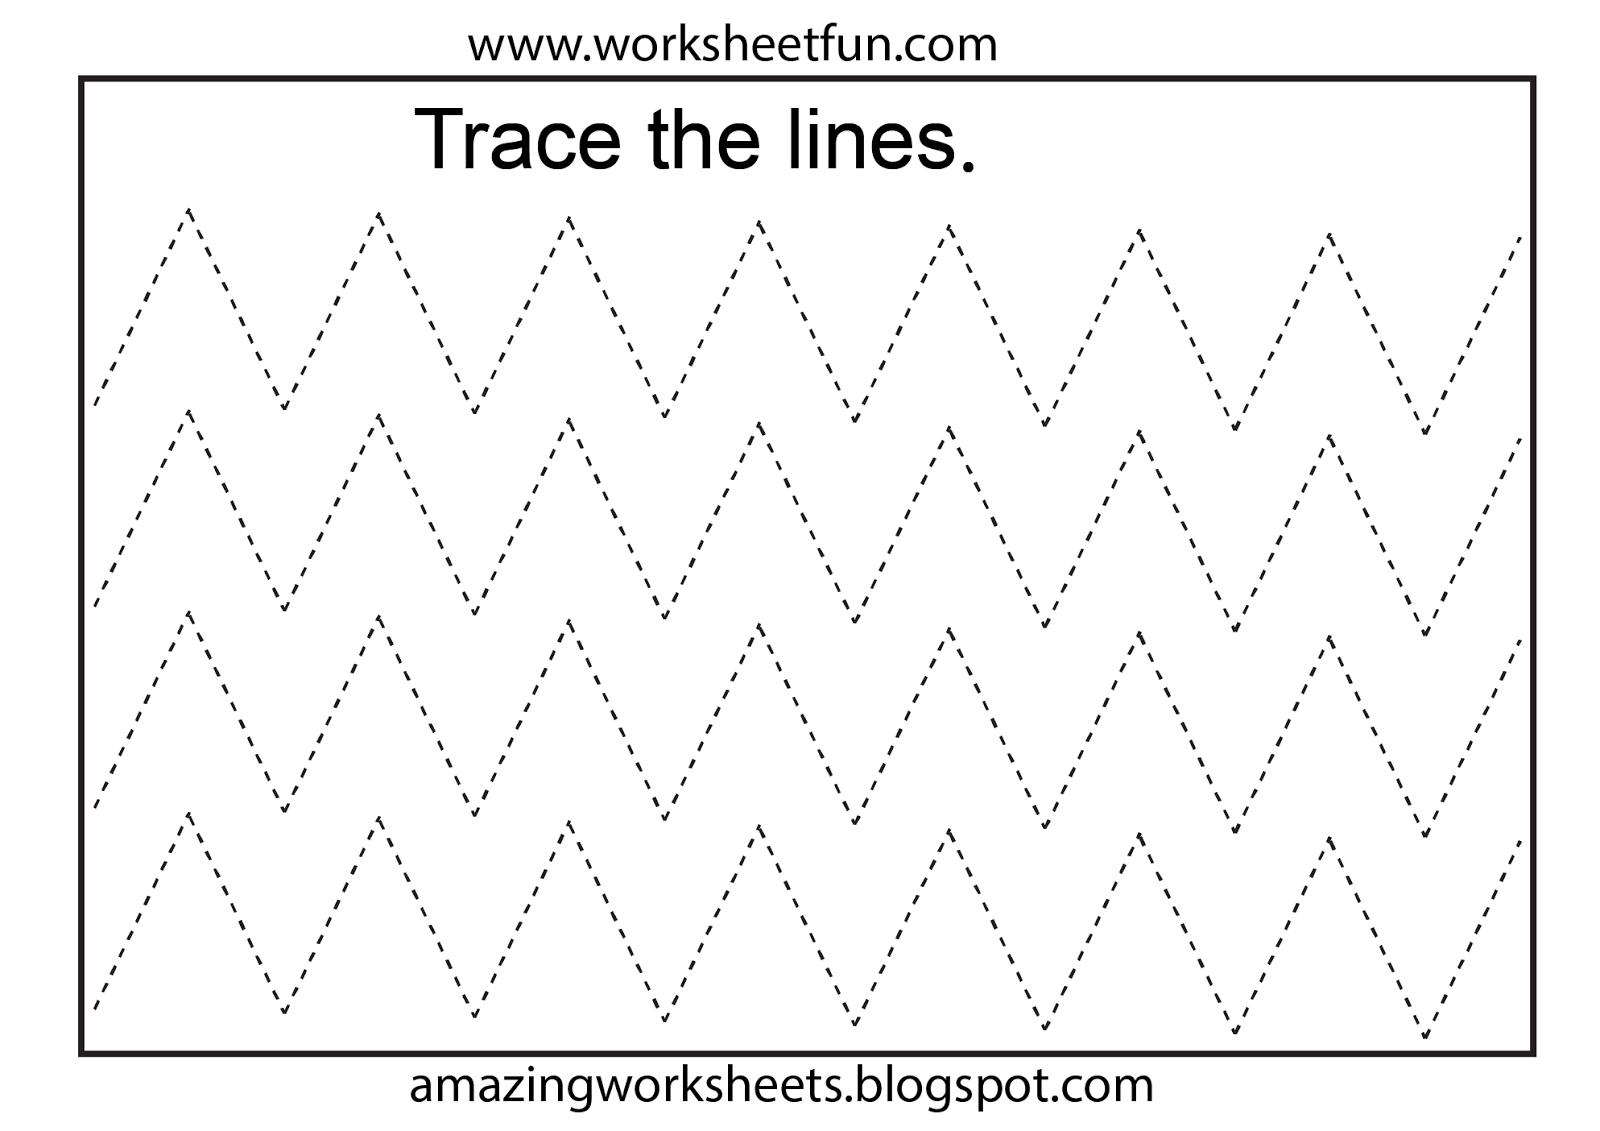 Free Printable Tracing Worksheets Preschool | Preschool Worksheets - Free Printable Activities For Preschoolers